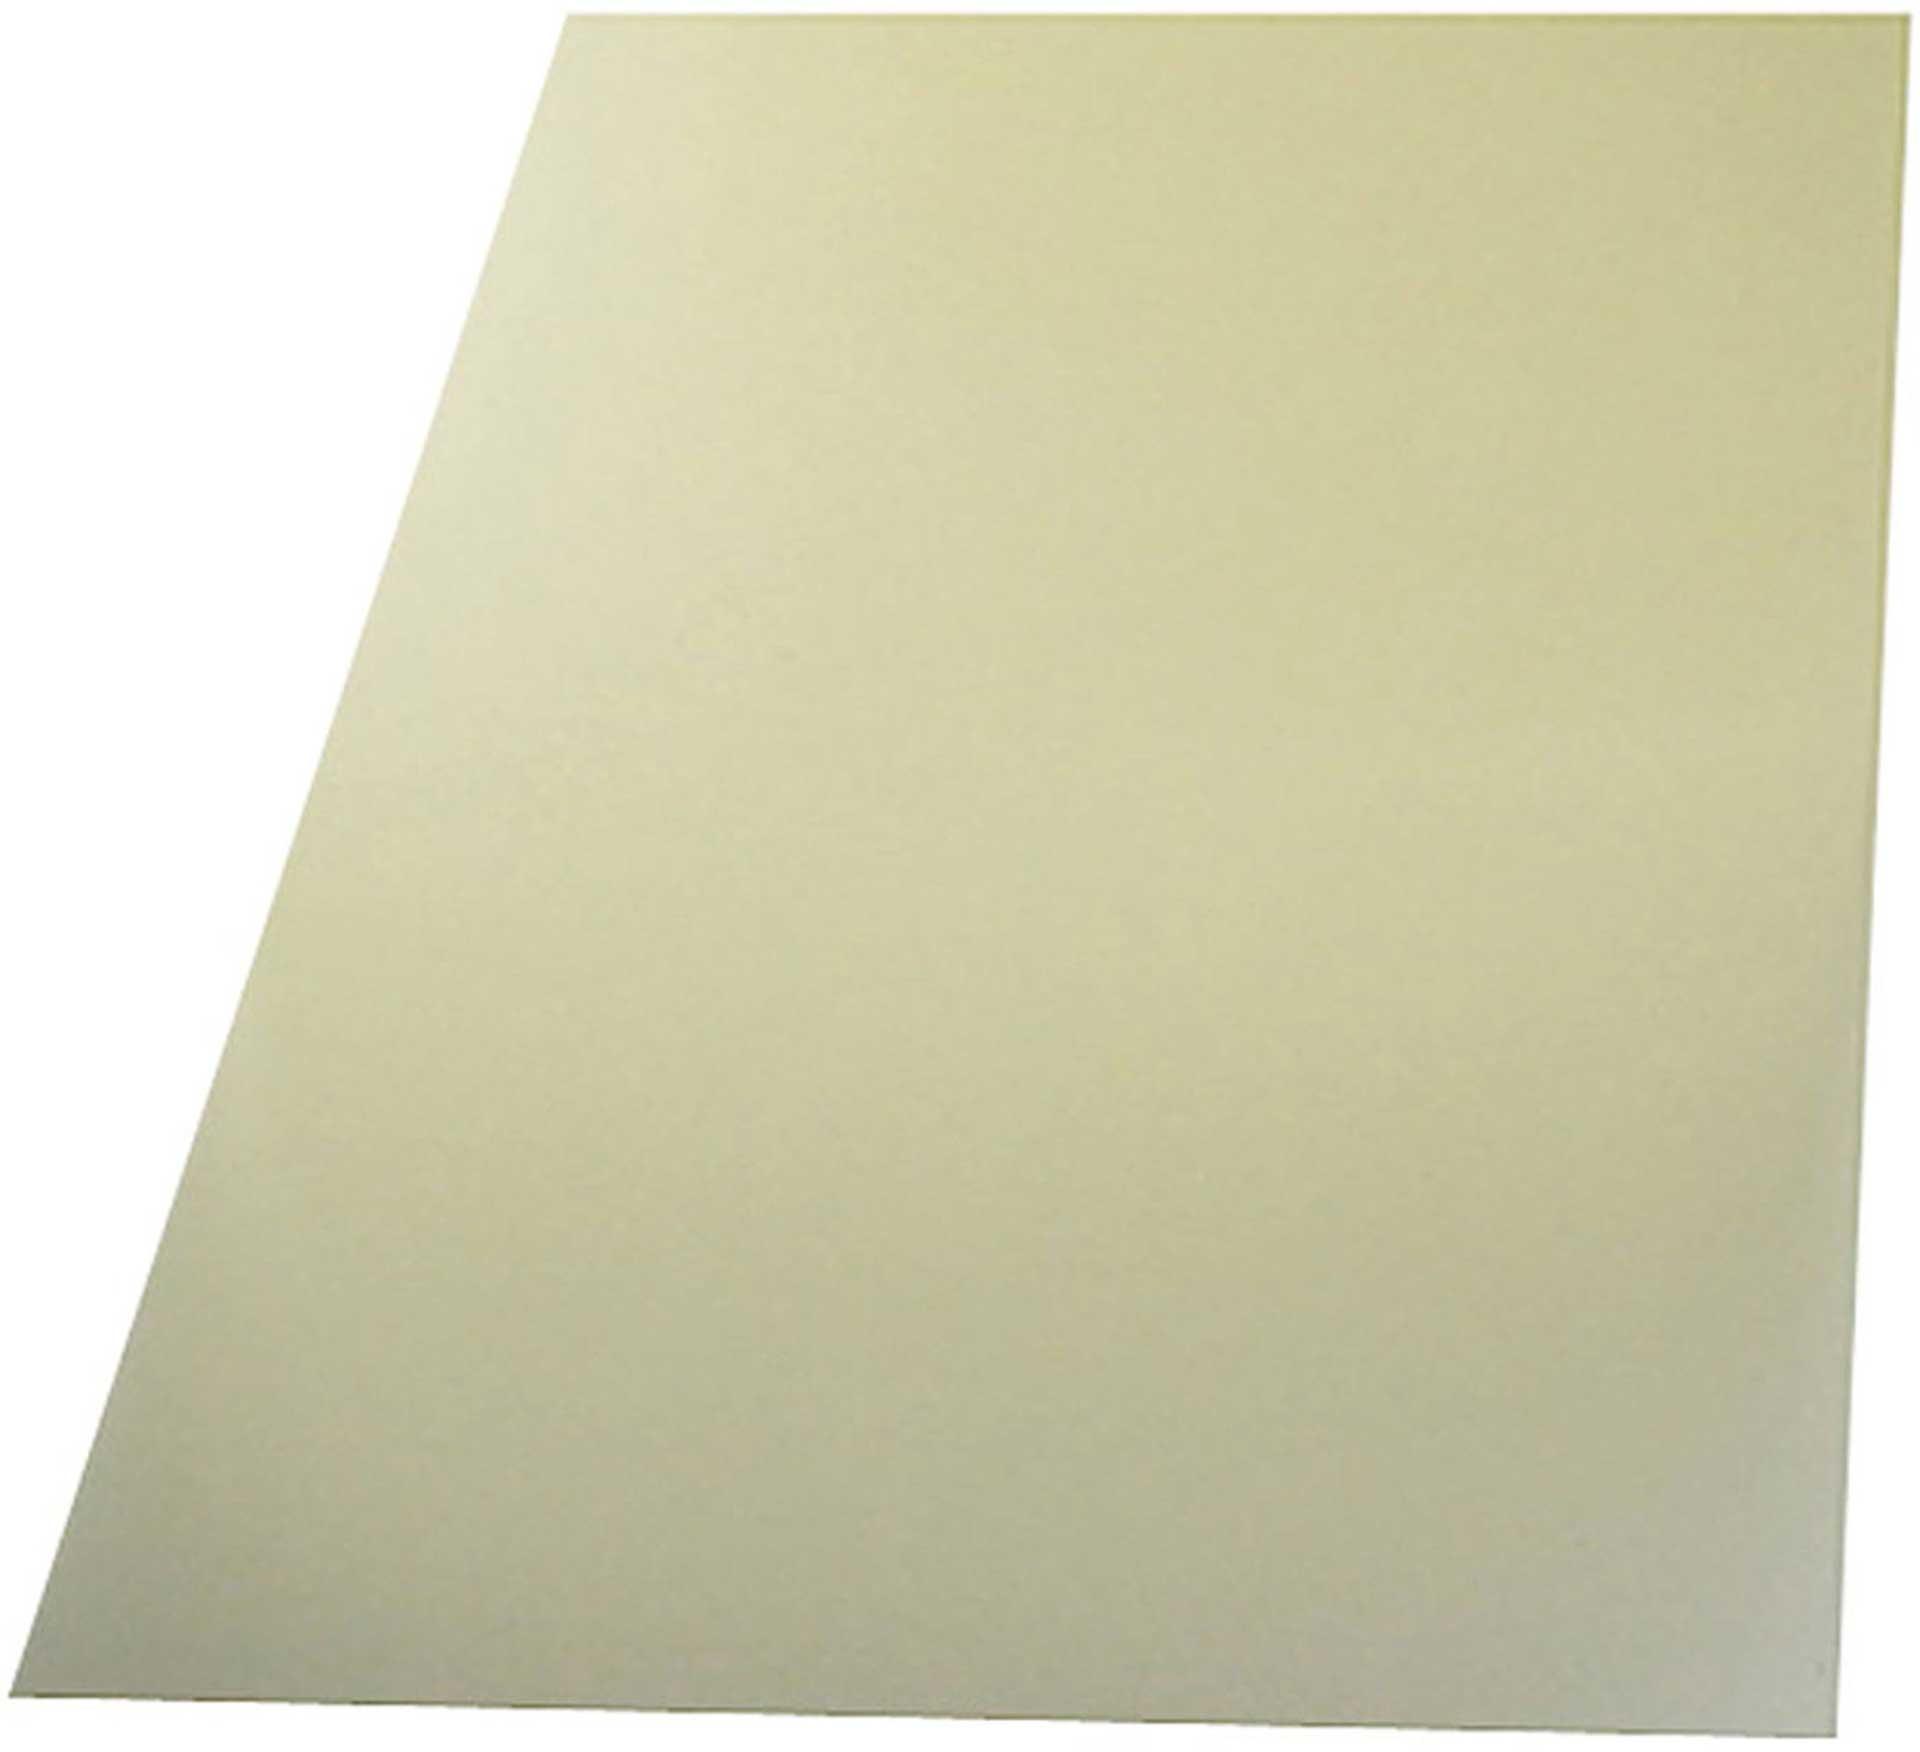 R&G GFK-PLATTE 620X540X0,5MM GEWICHT CA.330G